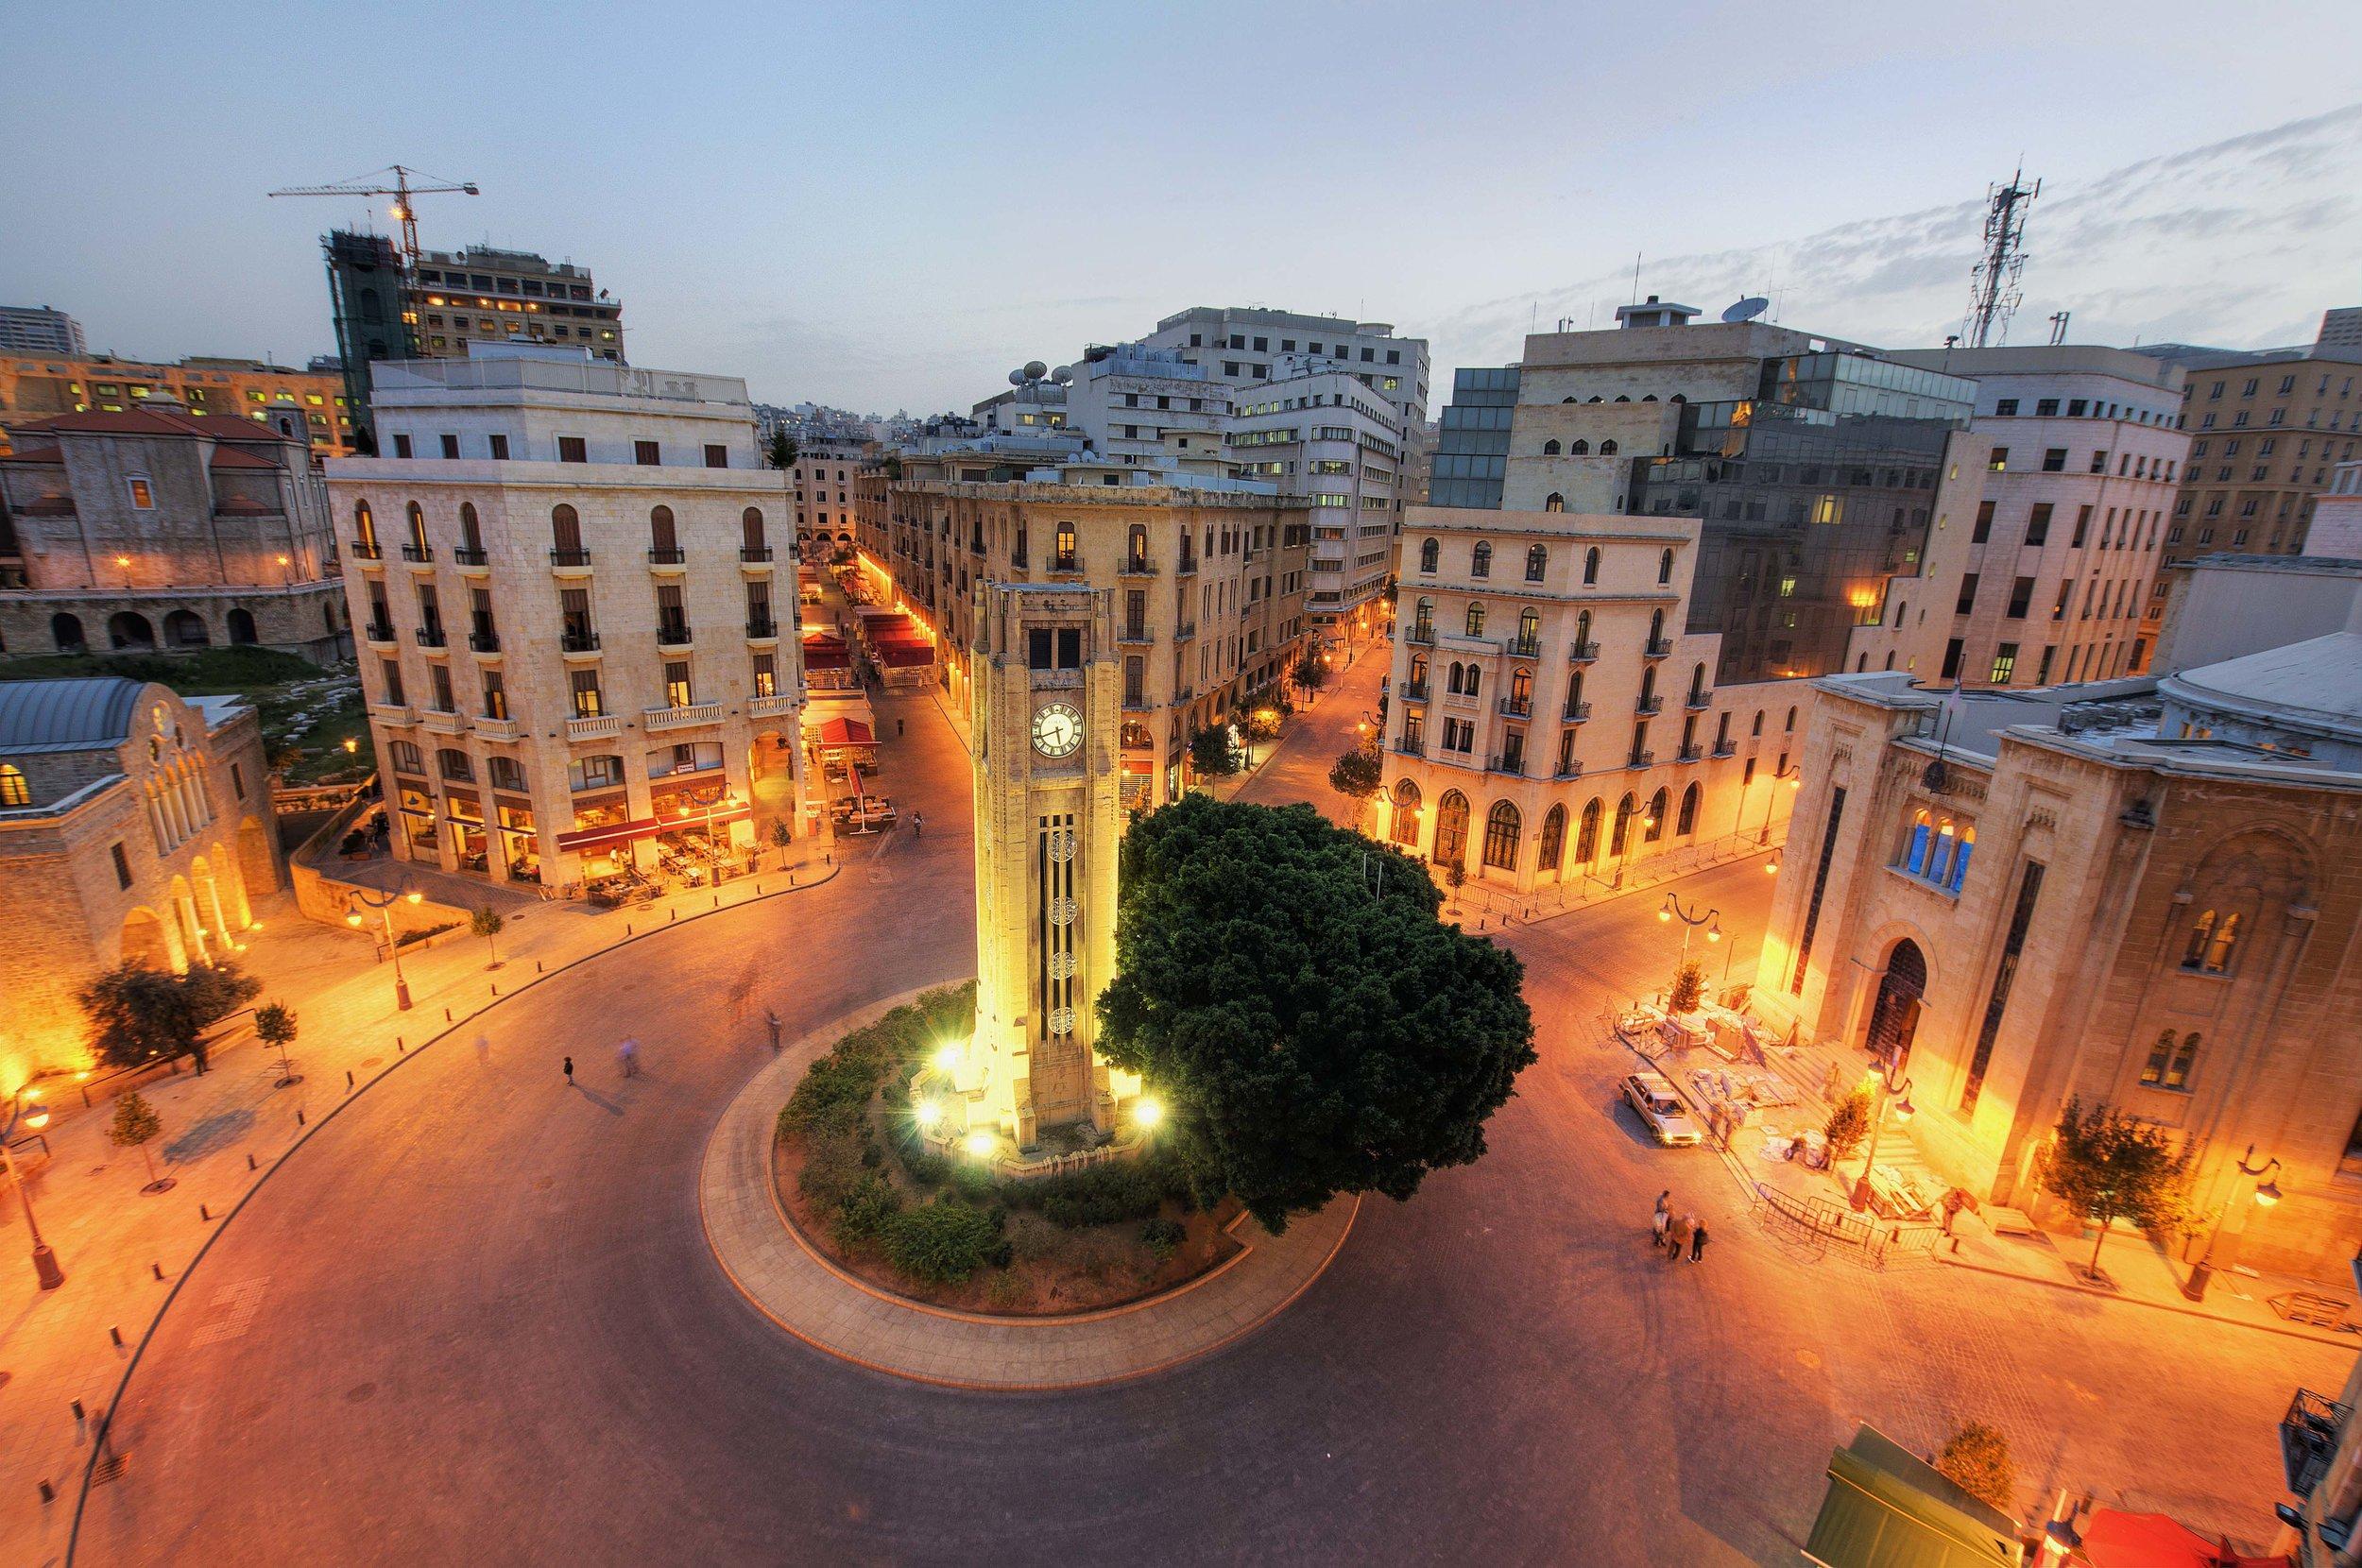 Lebanon_DownownBeruit_DuskiStock-462060483.jpg